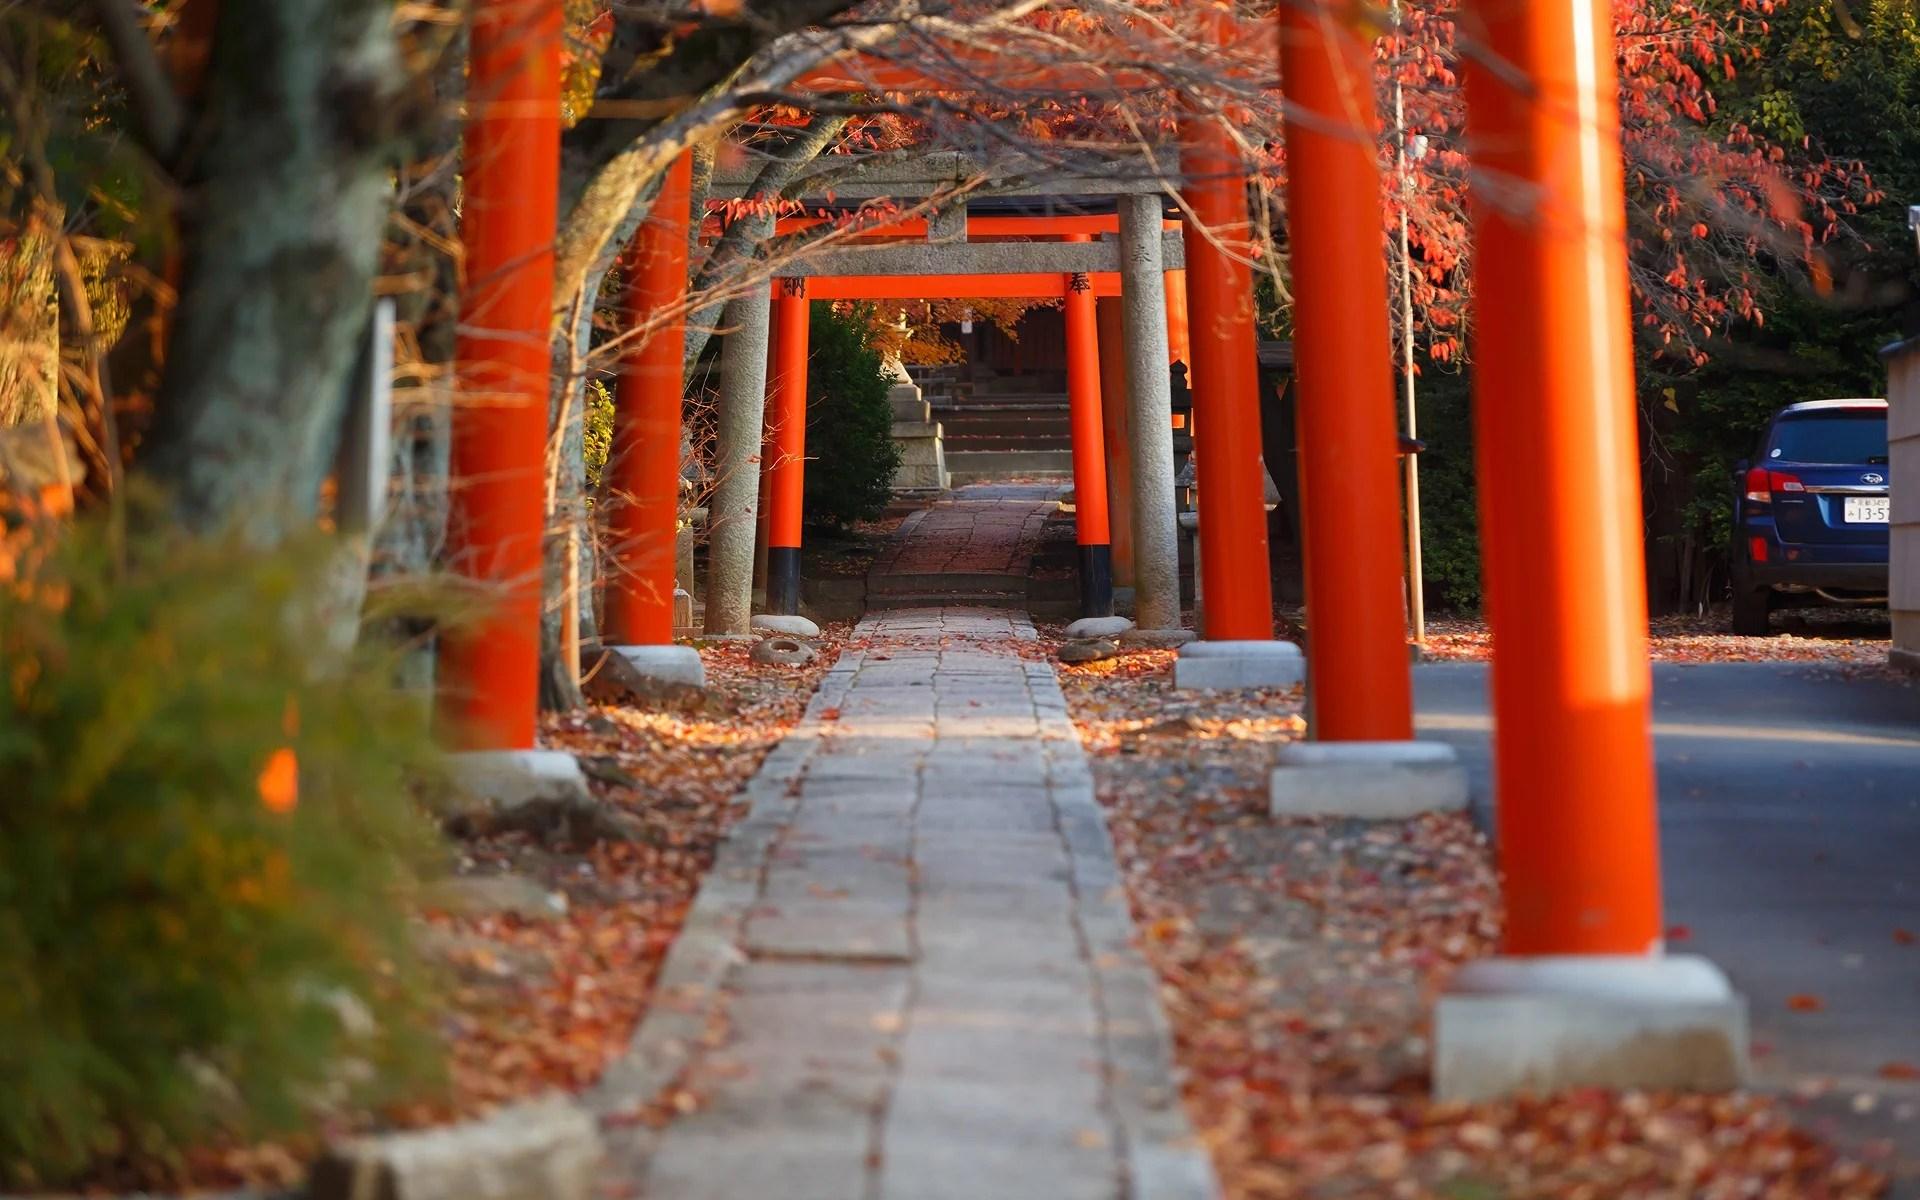 2013年紅葉の京都・竹中稲荷神社の壁紙(計35枚) - 壁紙&日々駄文